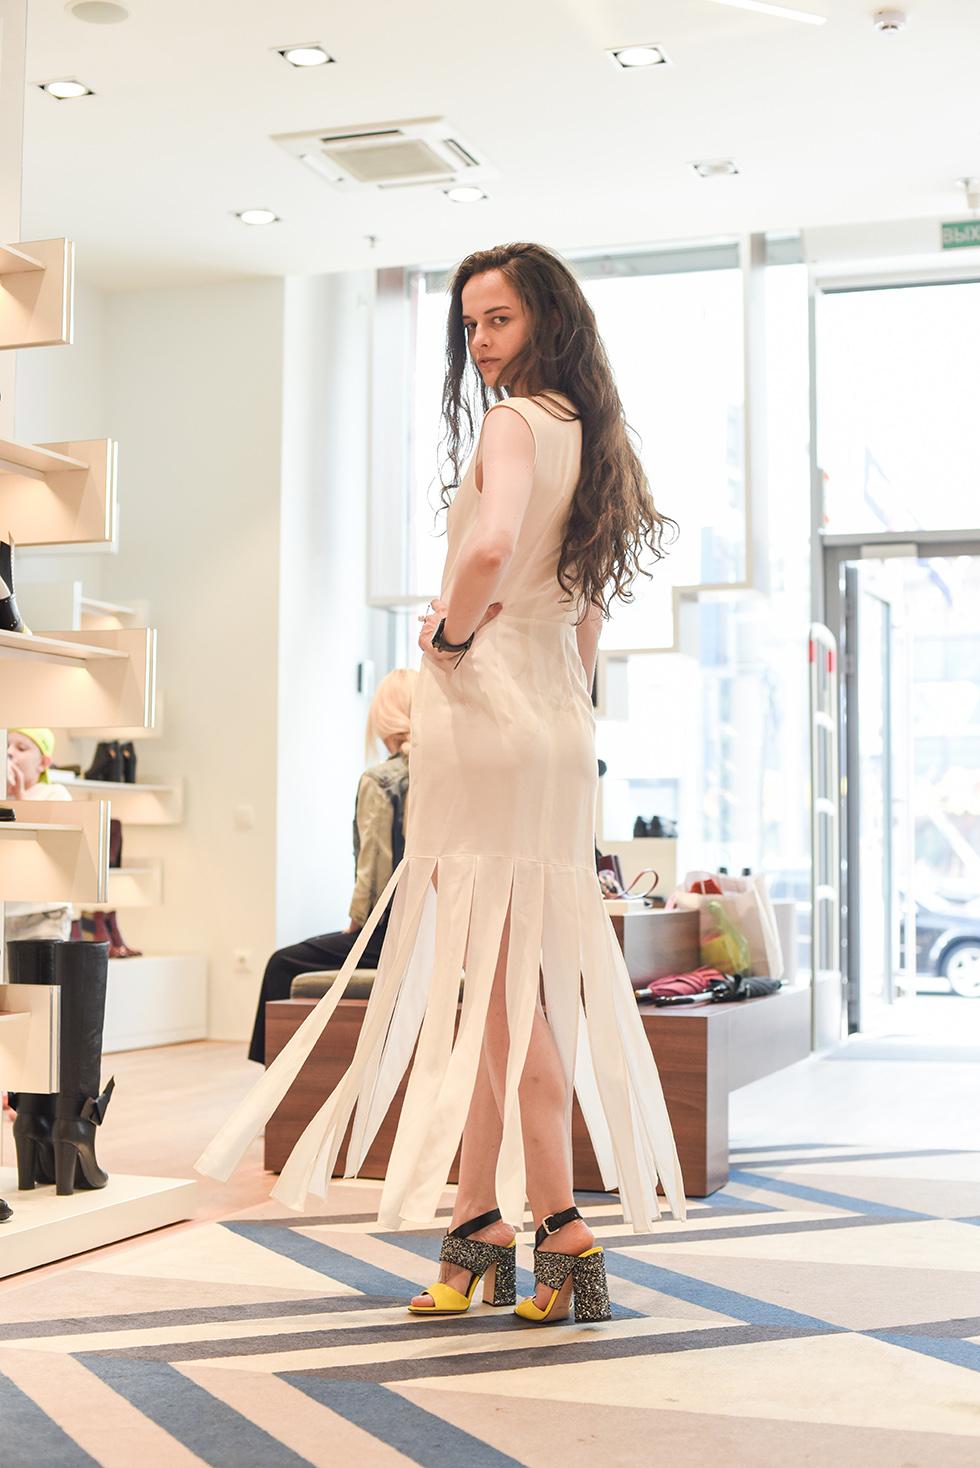 bolshoy_fashion_market_osen_11